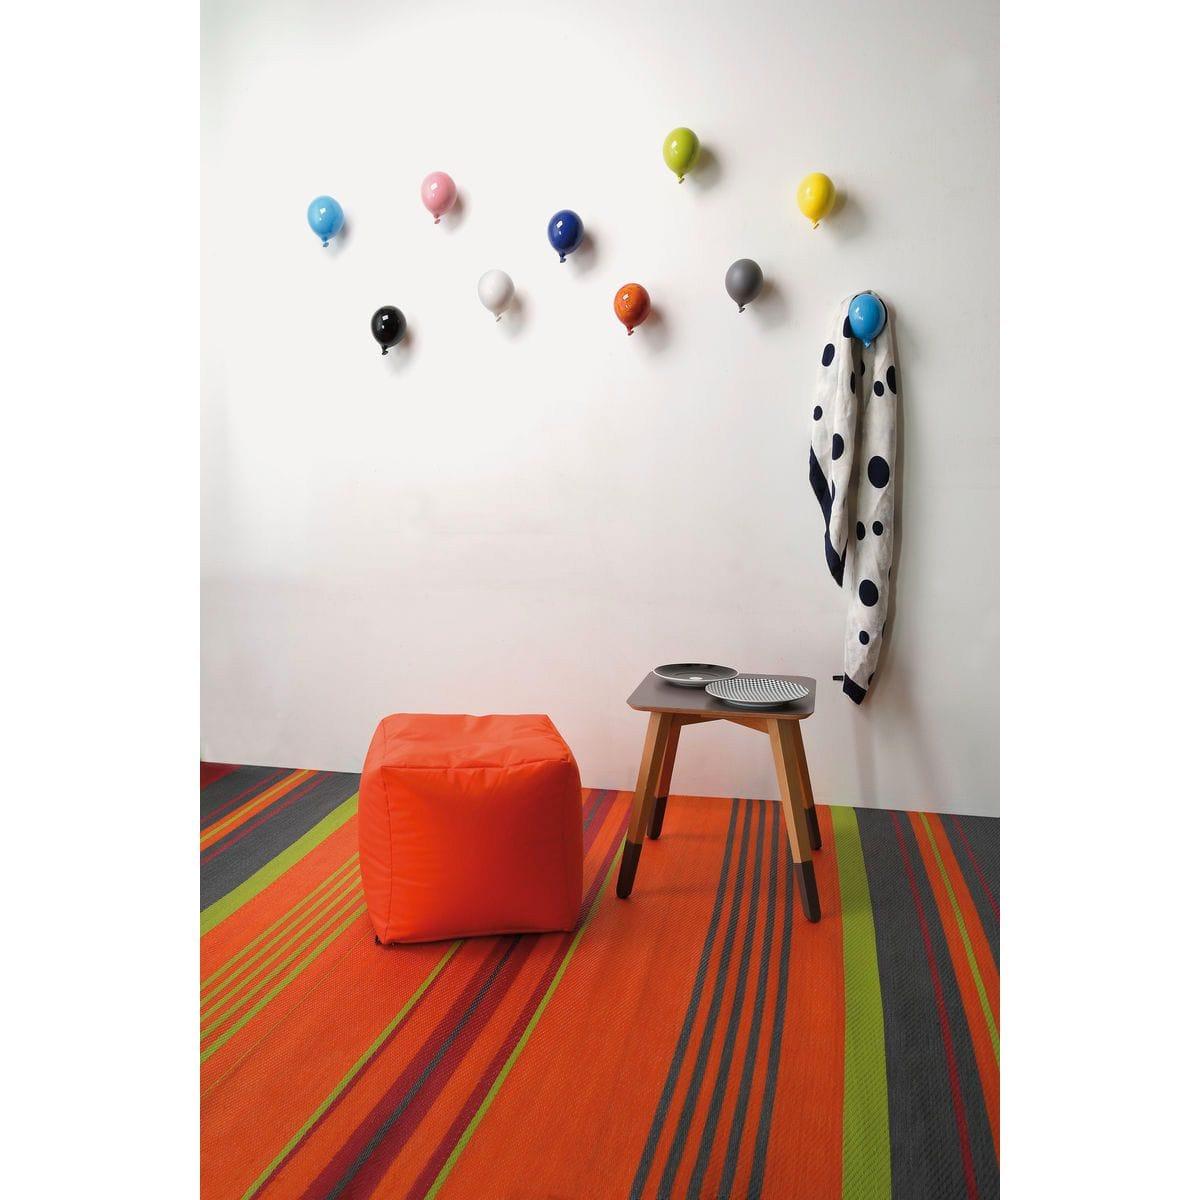 Palloncino in ceramica appendiabiti decorativo miniBalloon arancione, azzurro, bianco, blu, giallo, grigio, nero, rosa, rosso e verde su parete